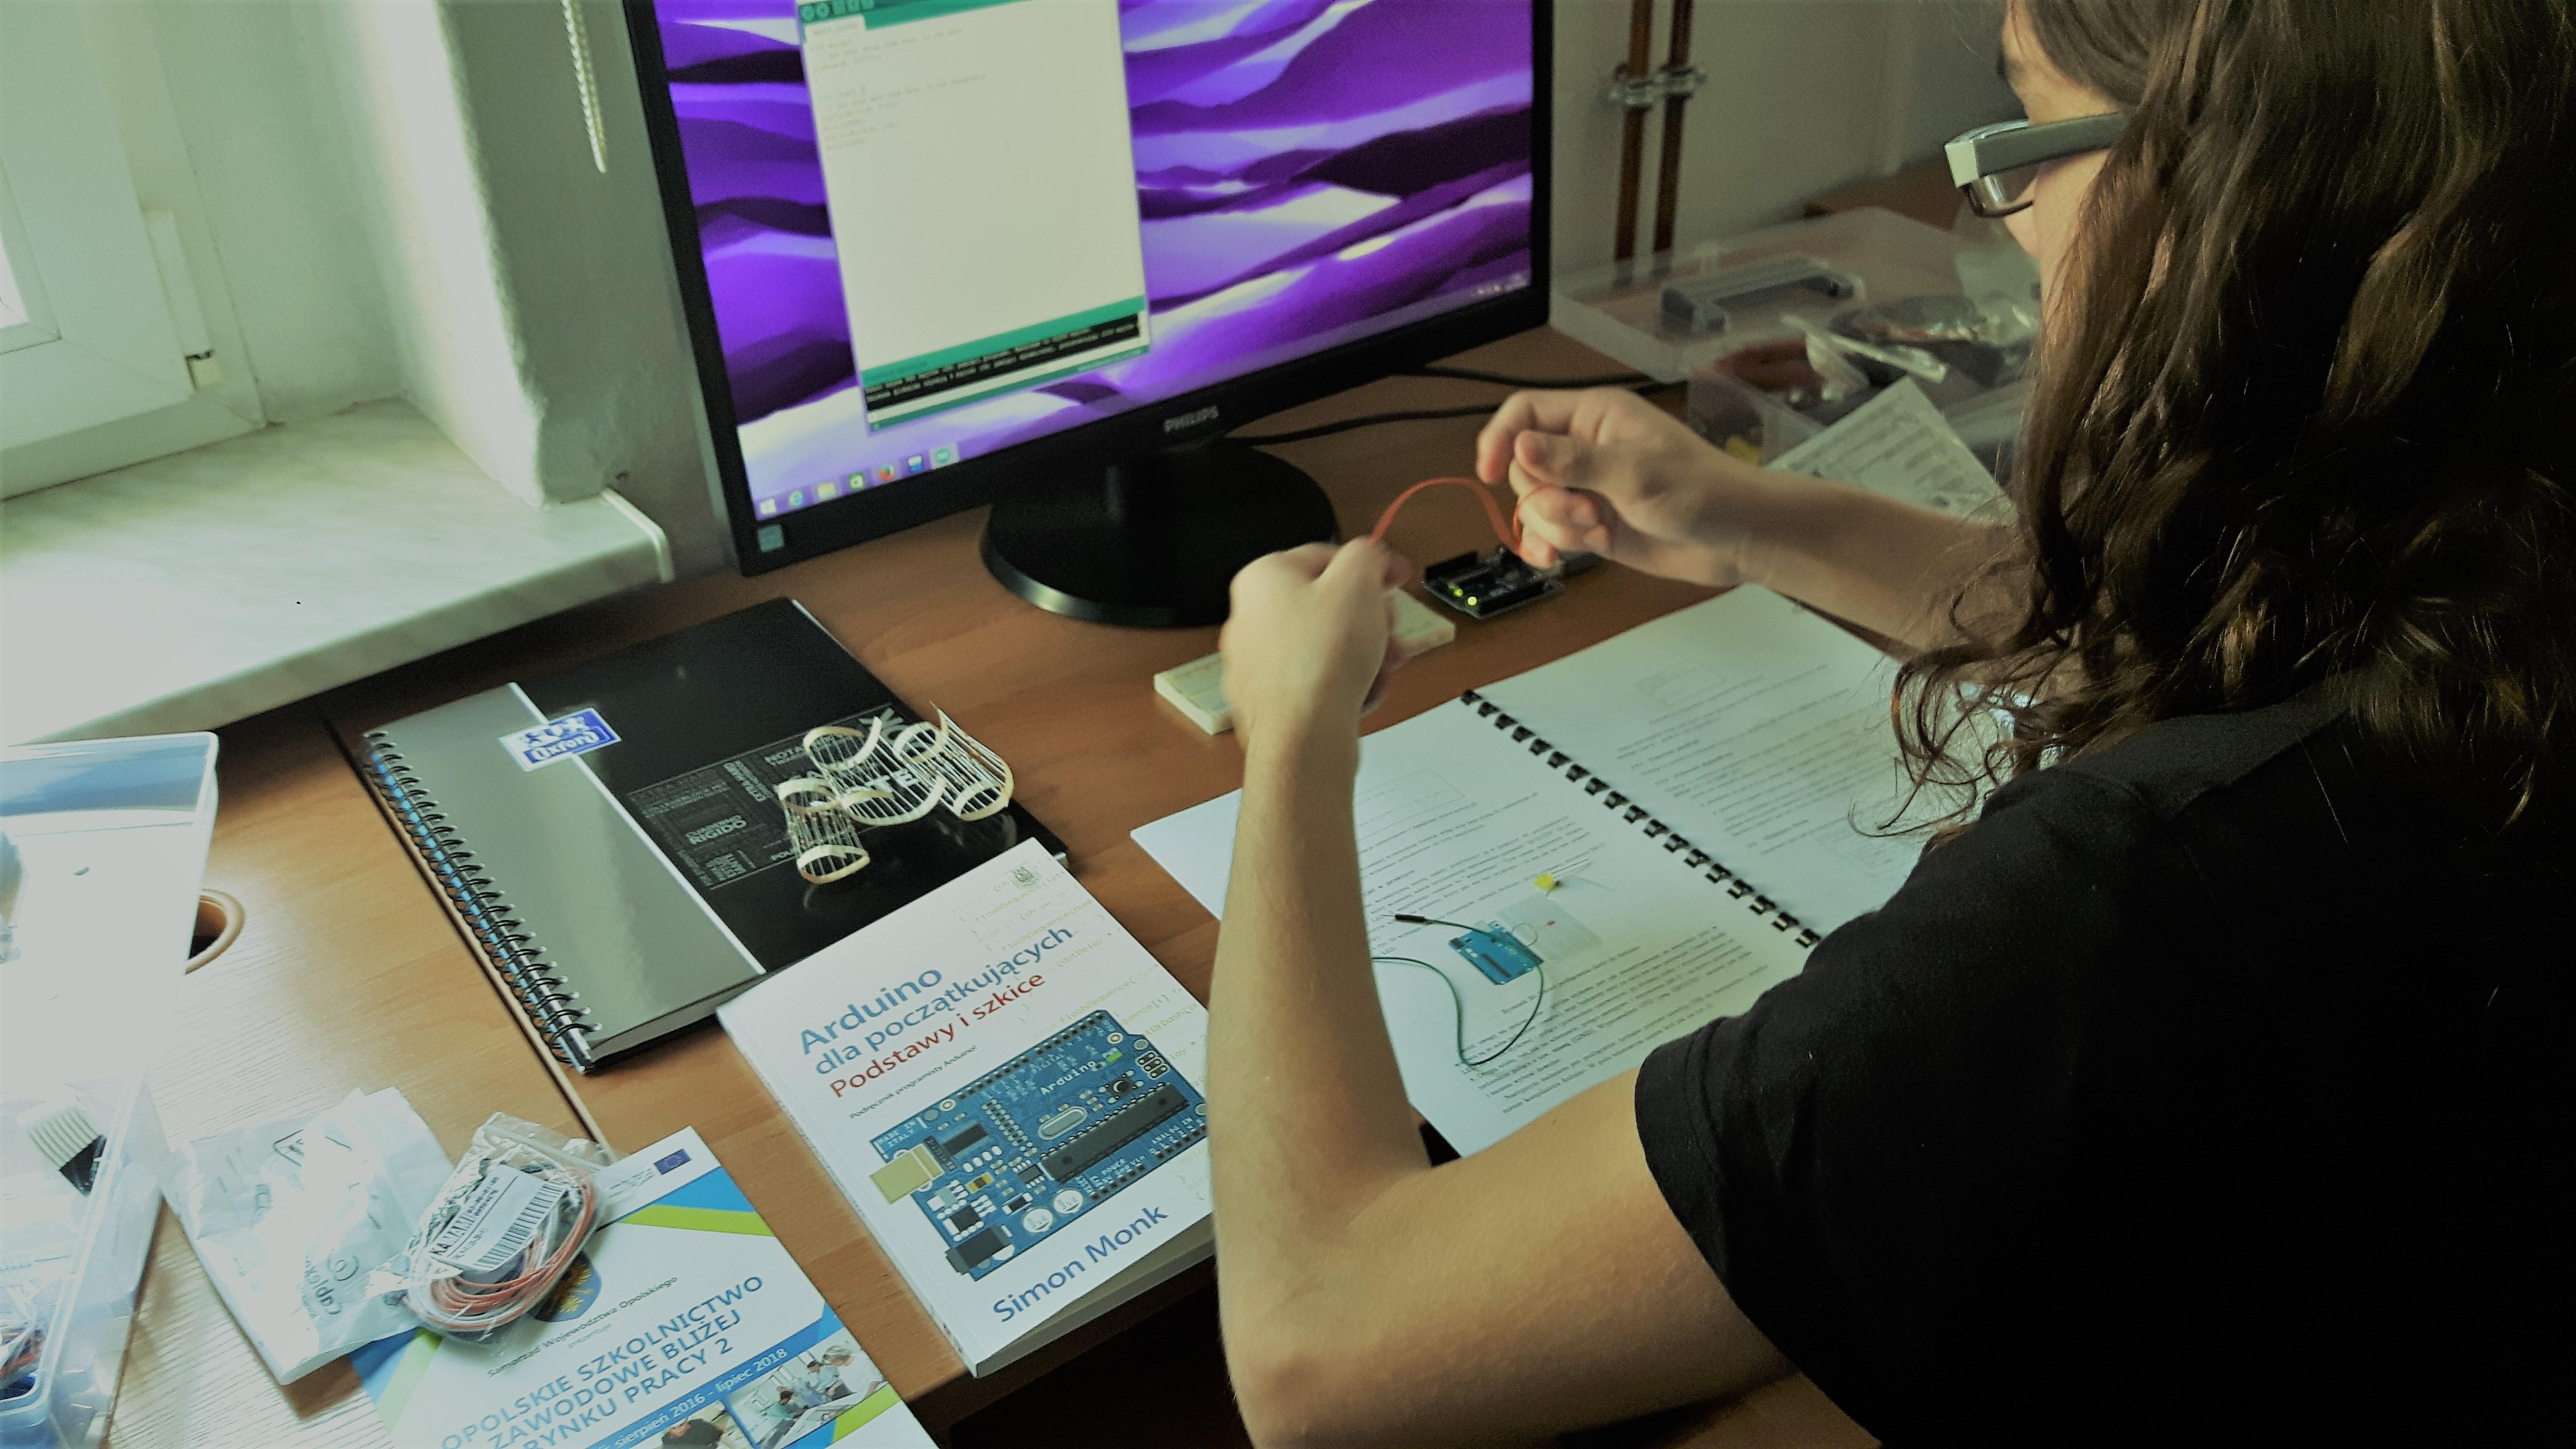 Zajęcia z Programowania z wykorzystaniem układów ARDUINO UNO